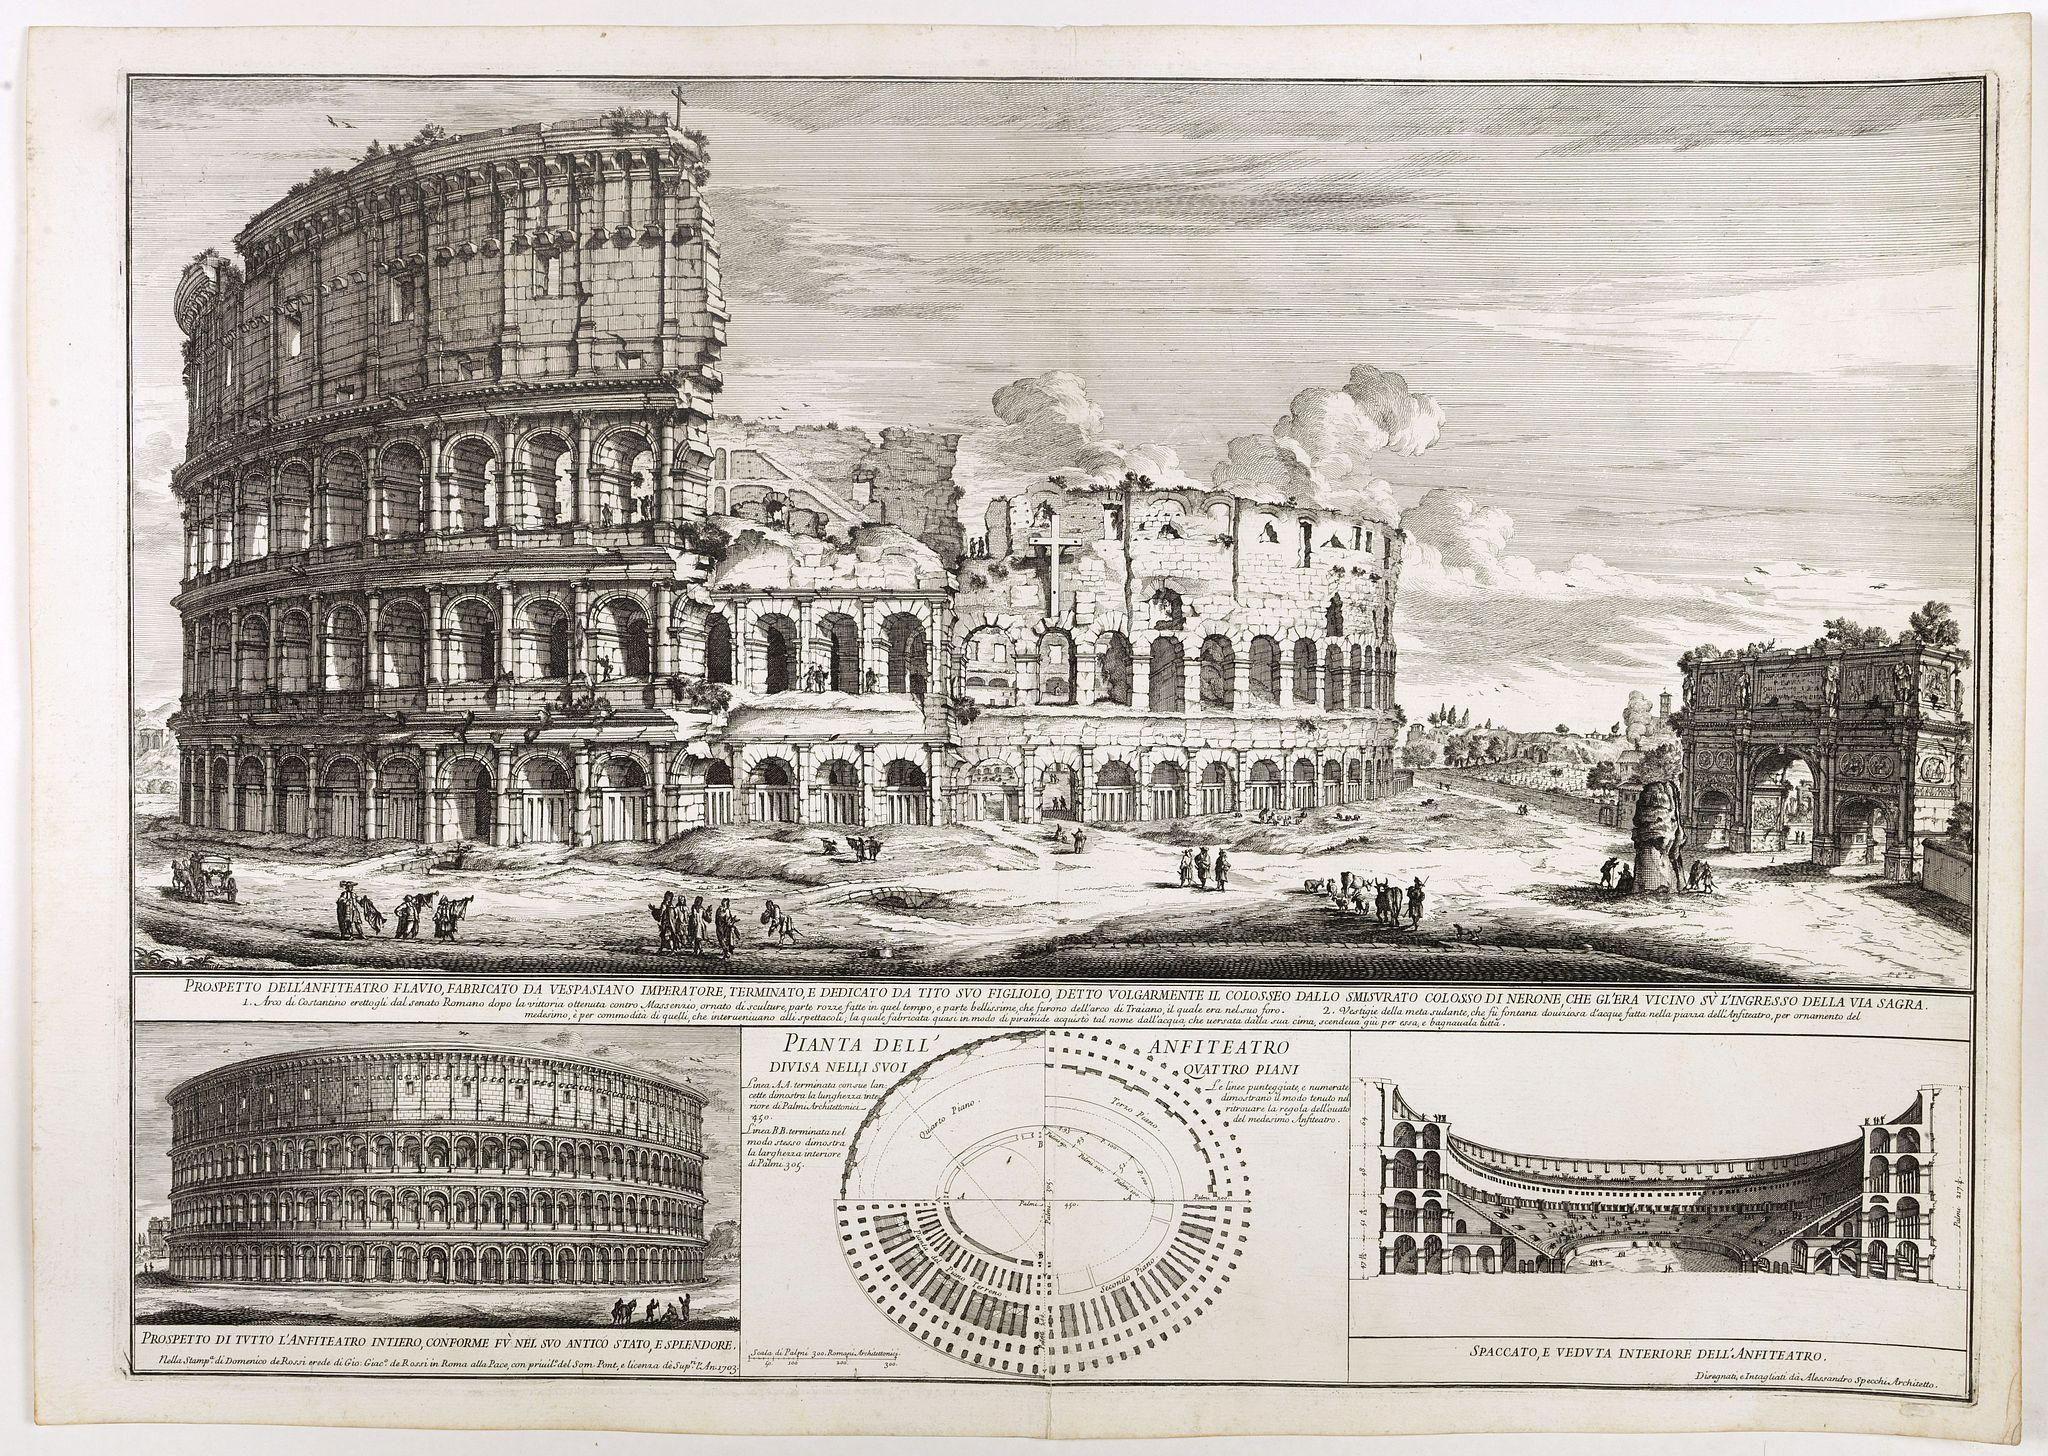 DE ROSSI, G. / SPECCHI, A. -  Prospetto dell'anfiteatro Flavio . . . / Prospetto di Tutto l'Anfiteatro intiero . . . / Pianta dell' divisa nelli suoi / Spaccato, e veduta interiore dell' Anfiteatro.